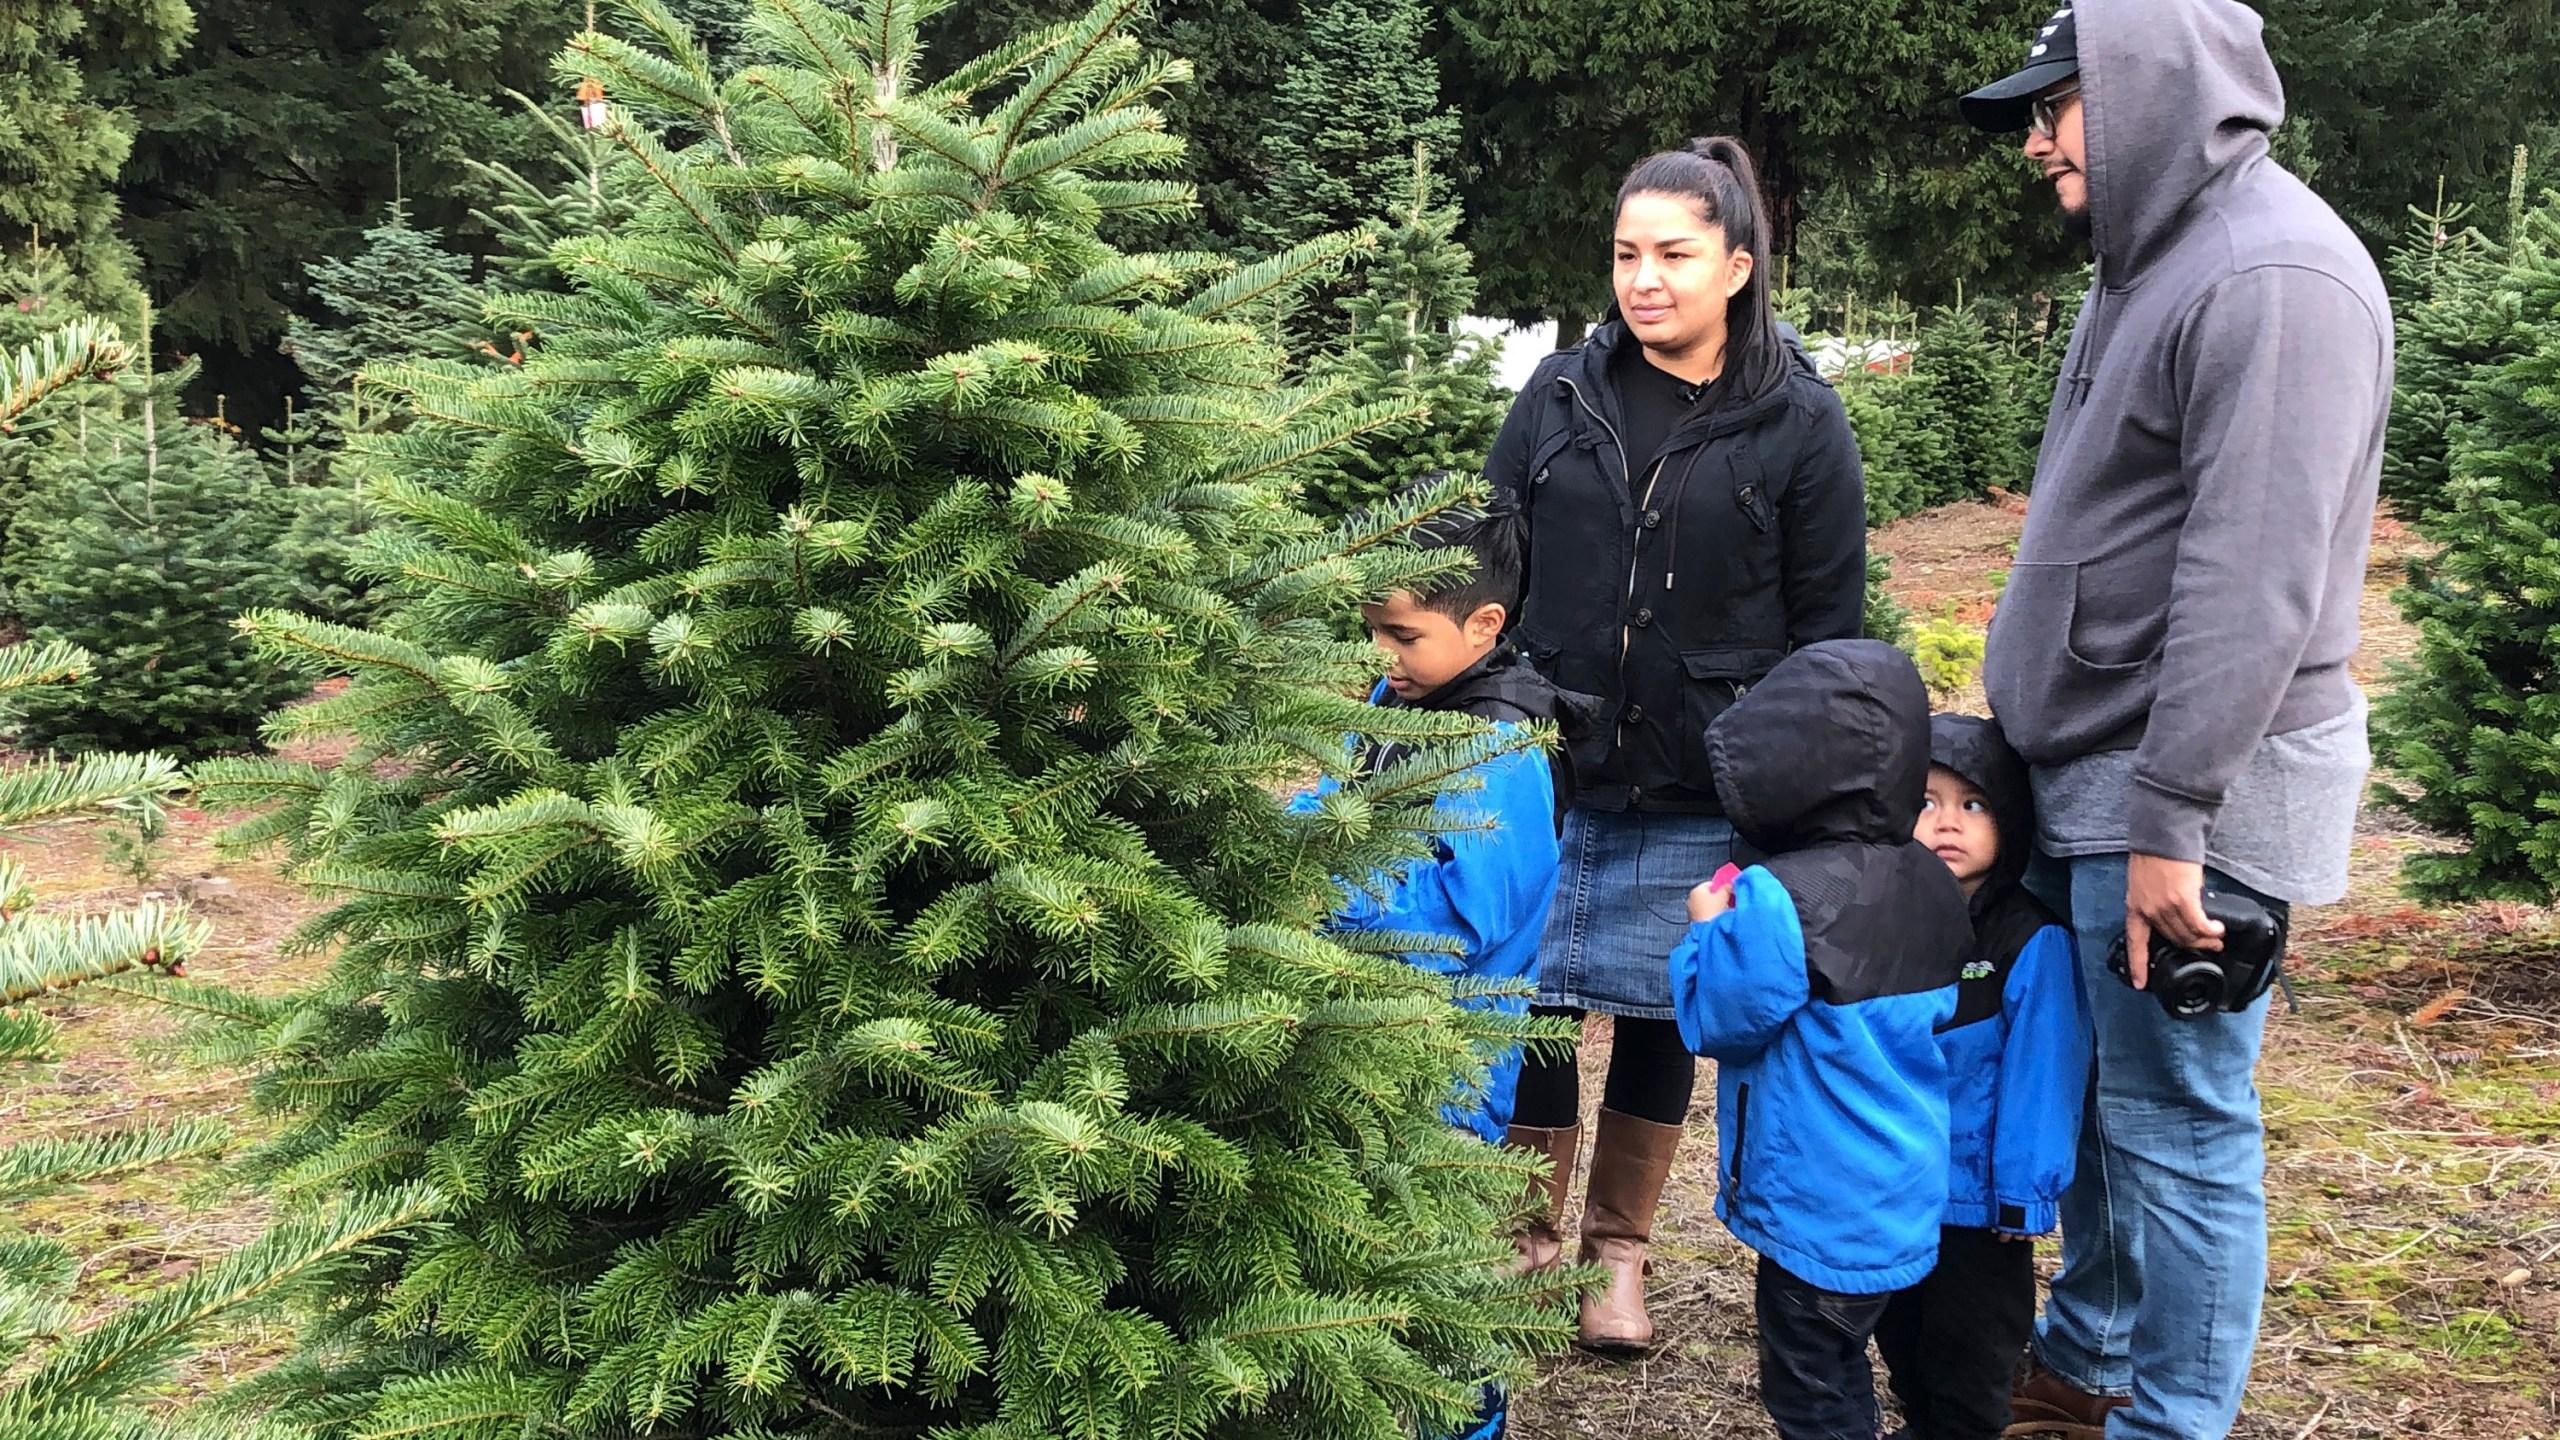 Christmas_Tree_Debate_56488-159532.jpg73419220